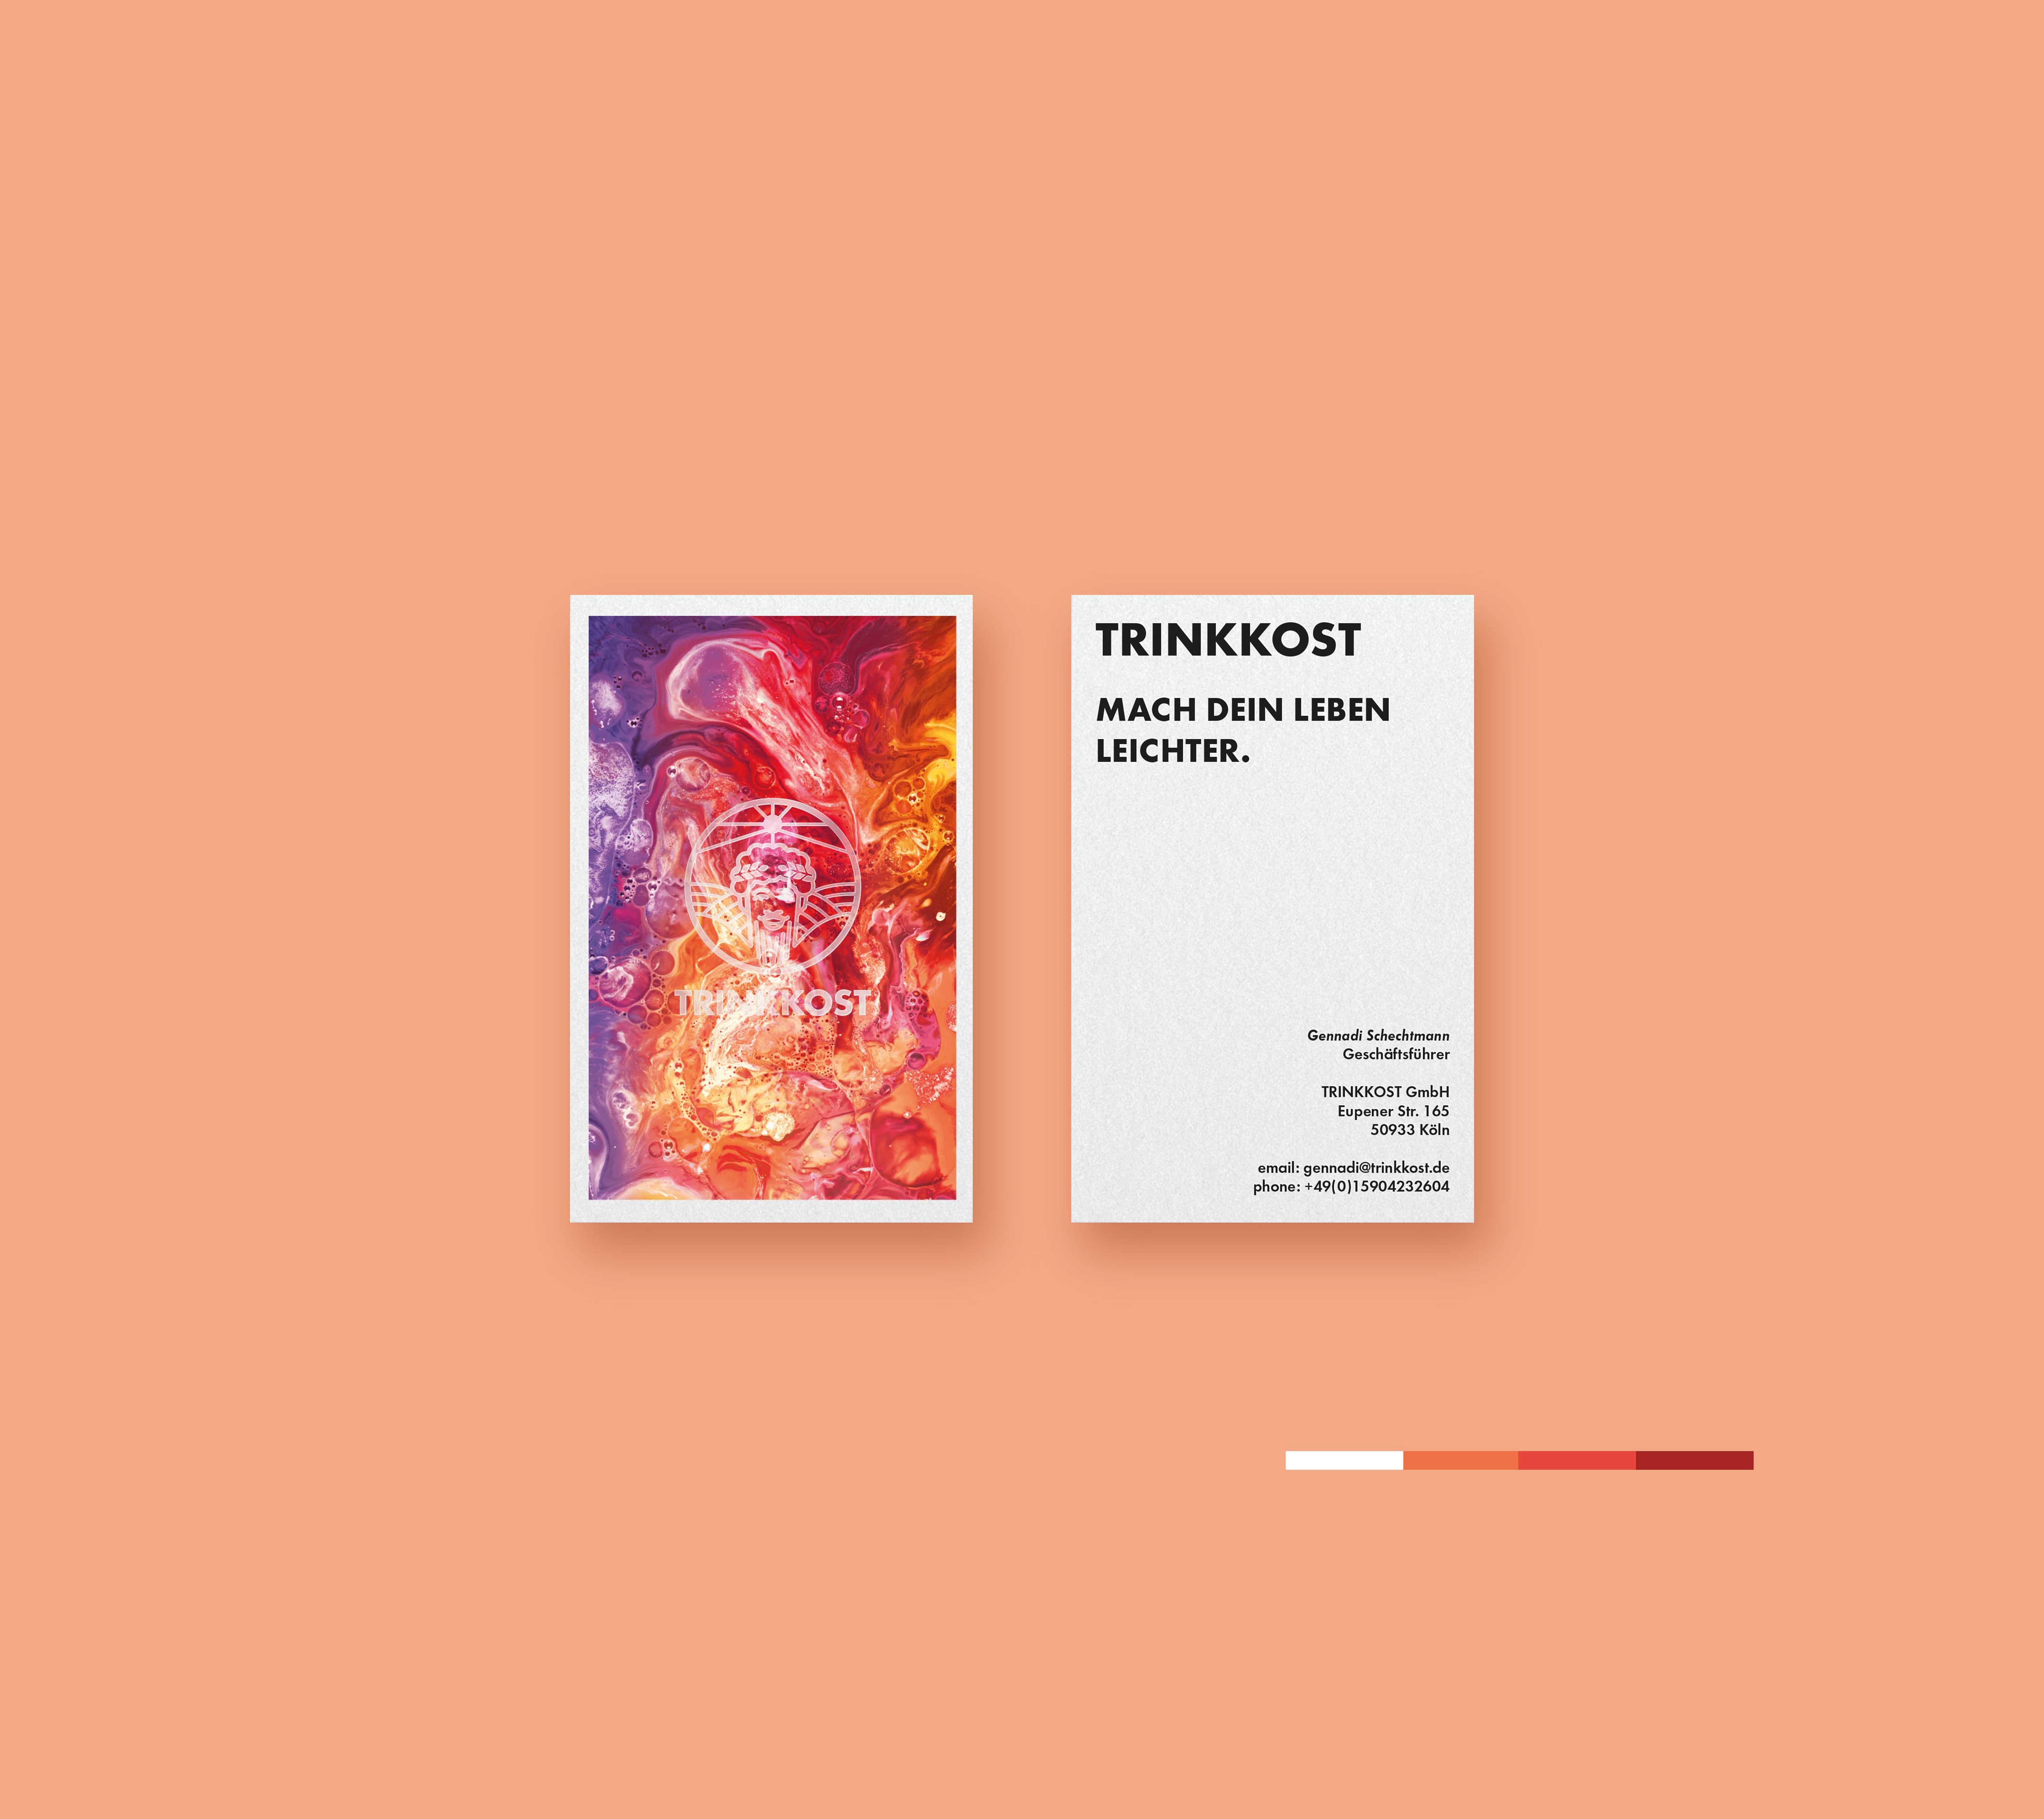 LimaDeLezando_VK_Trinkkost_01_RGB